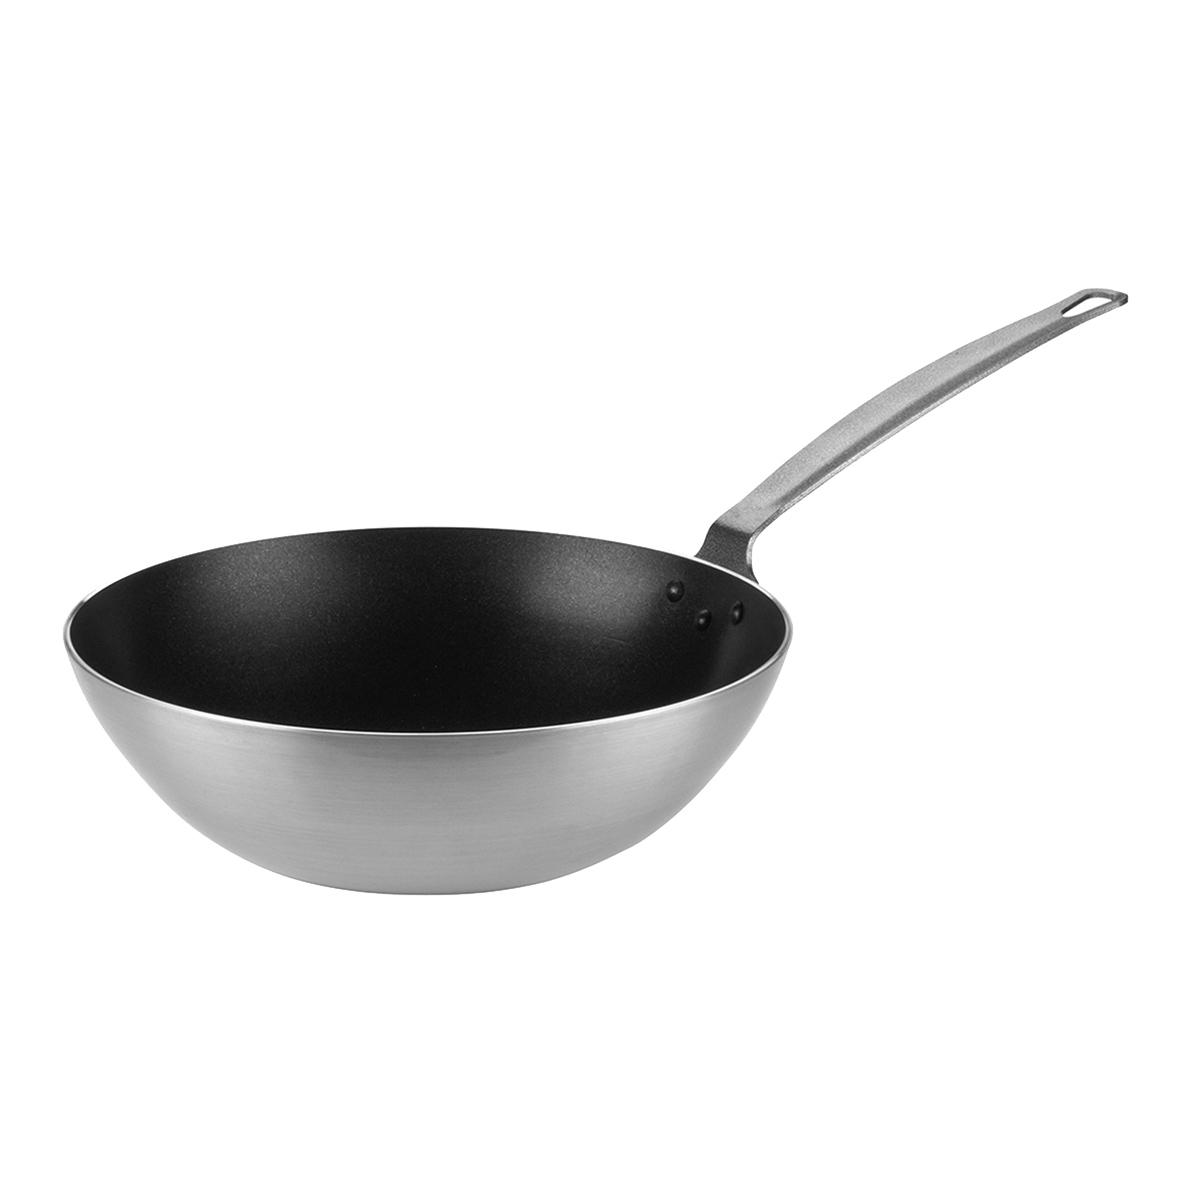 Image of   H. W. Larsen wokpande - Oztiryakile - Ø 30 cm